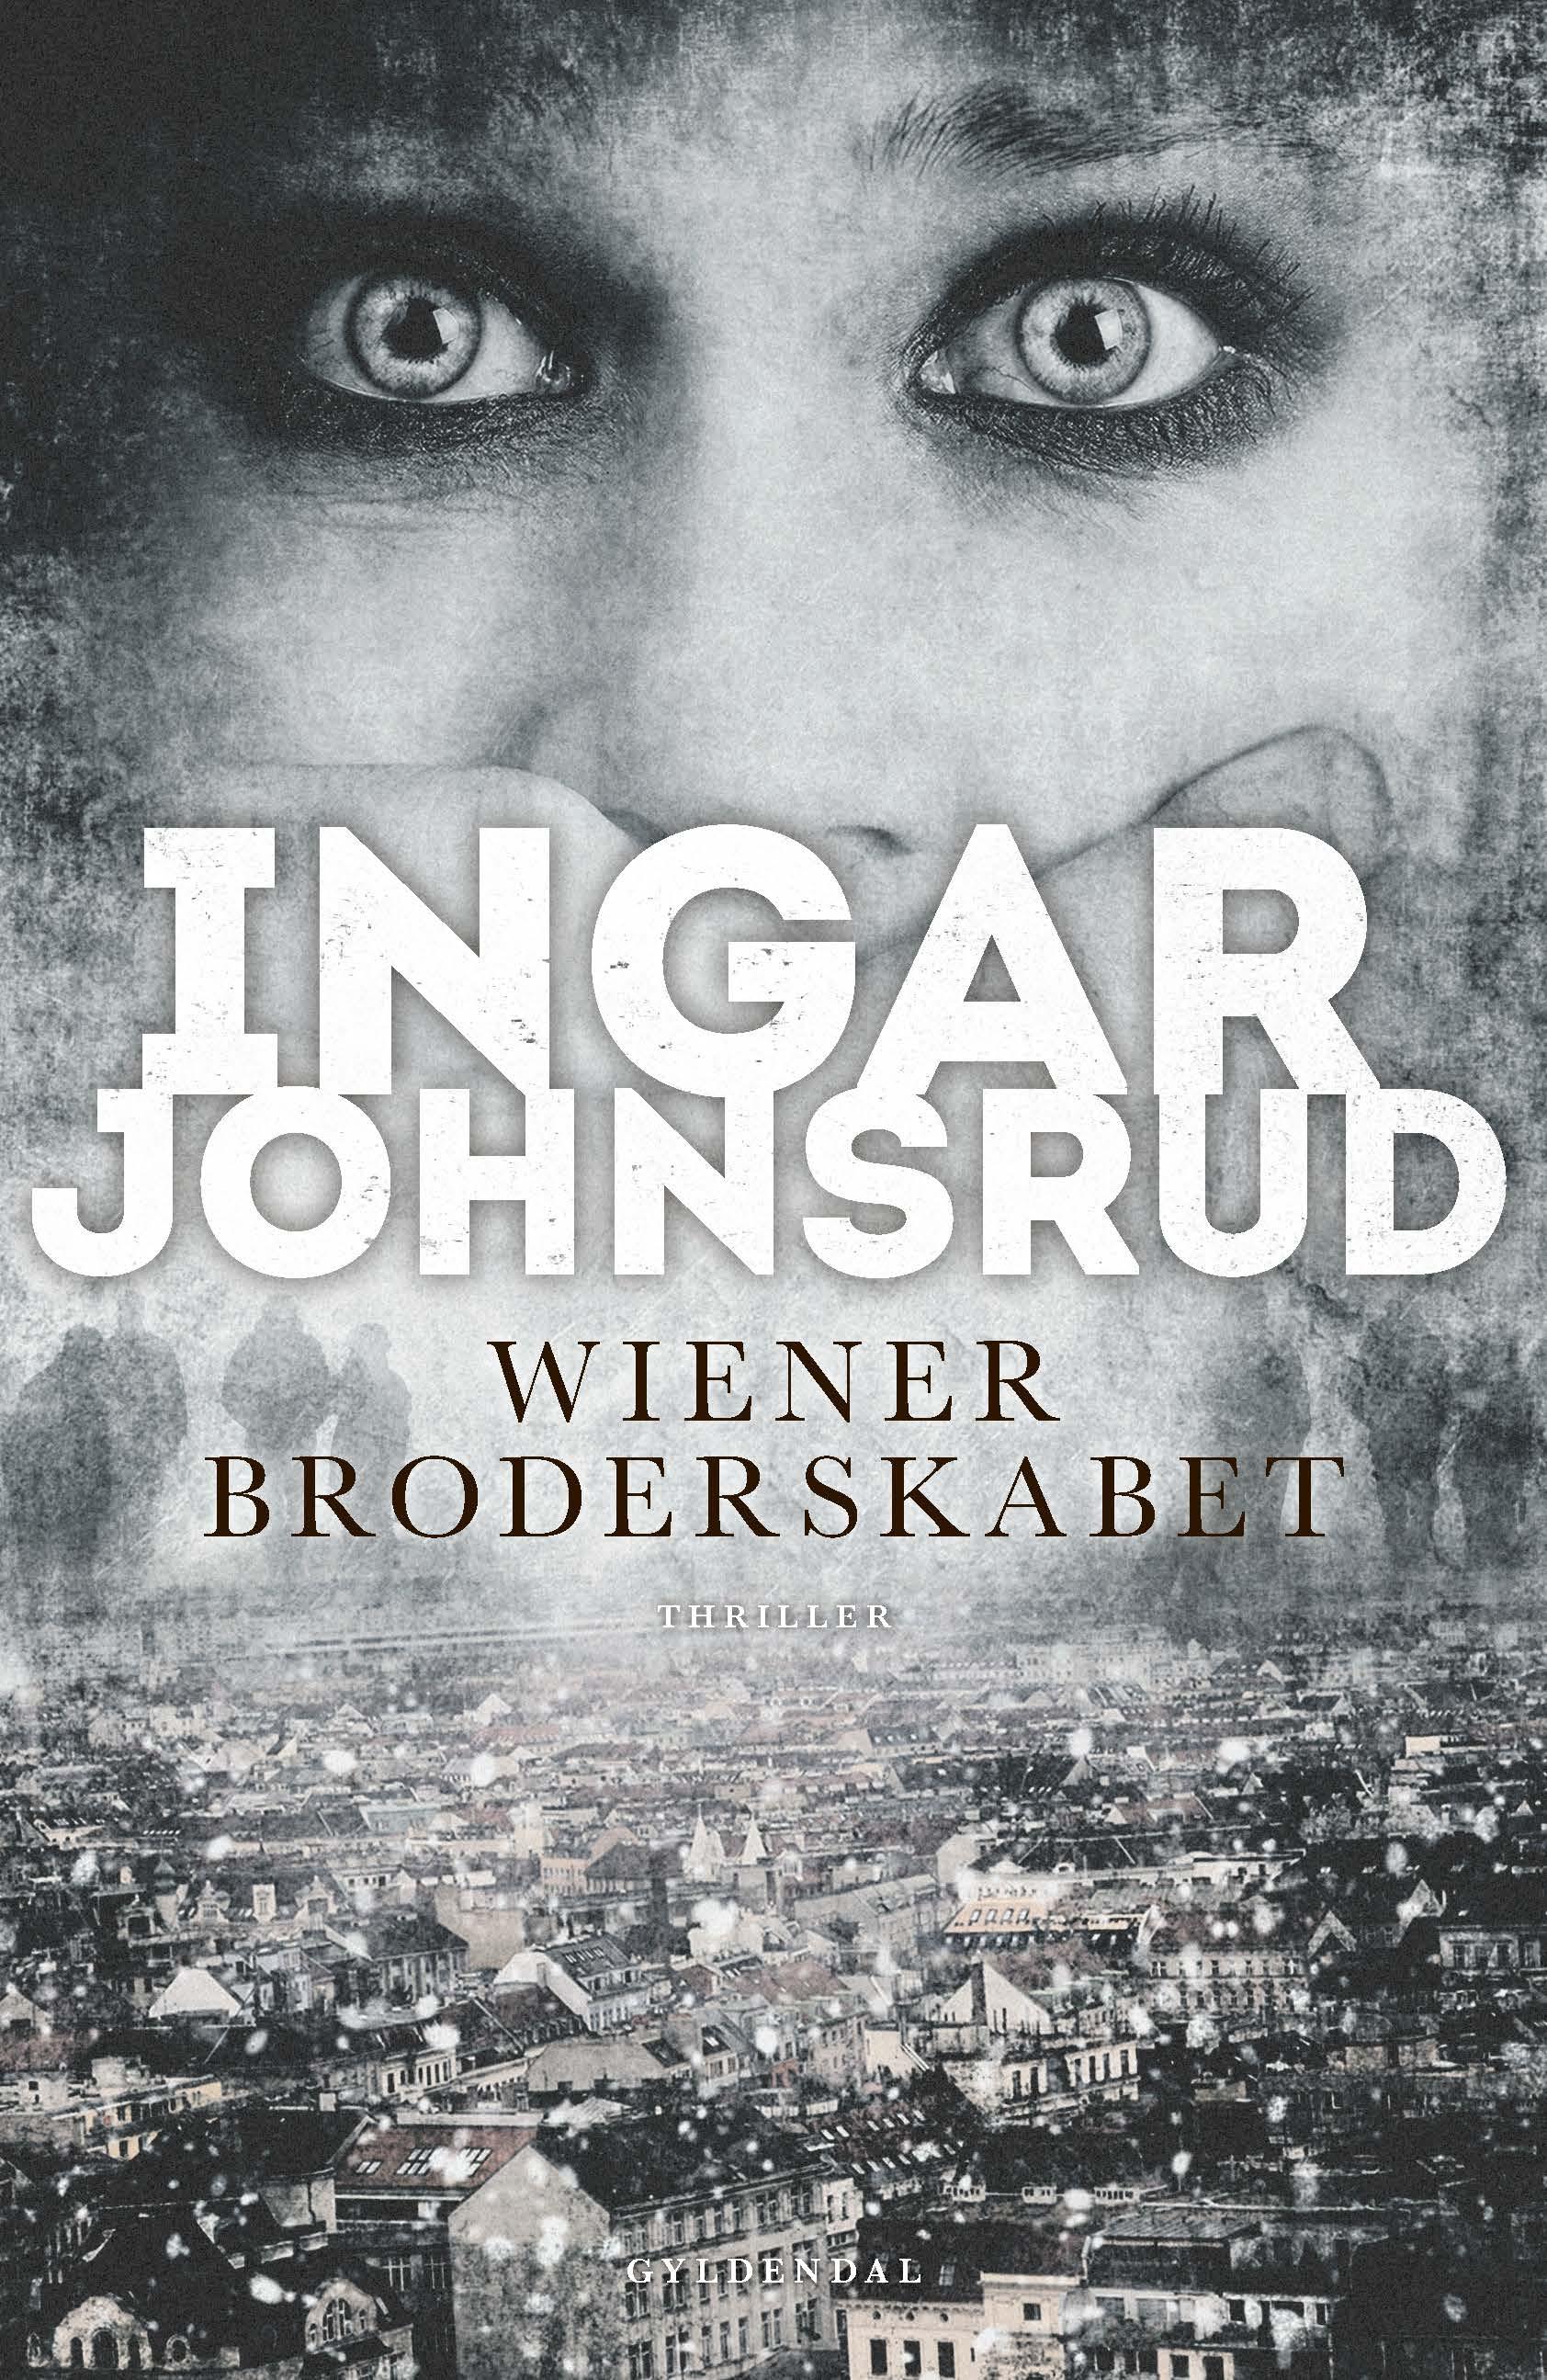 Johnsrud Wienerbroderskabet